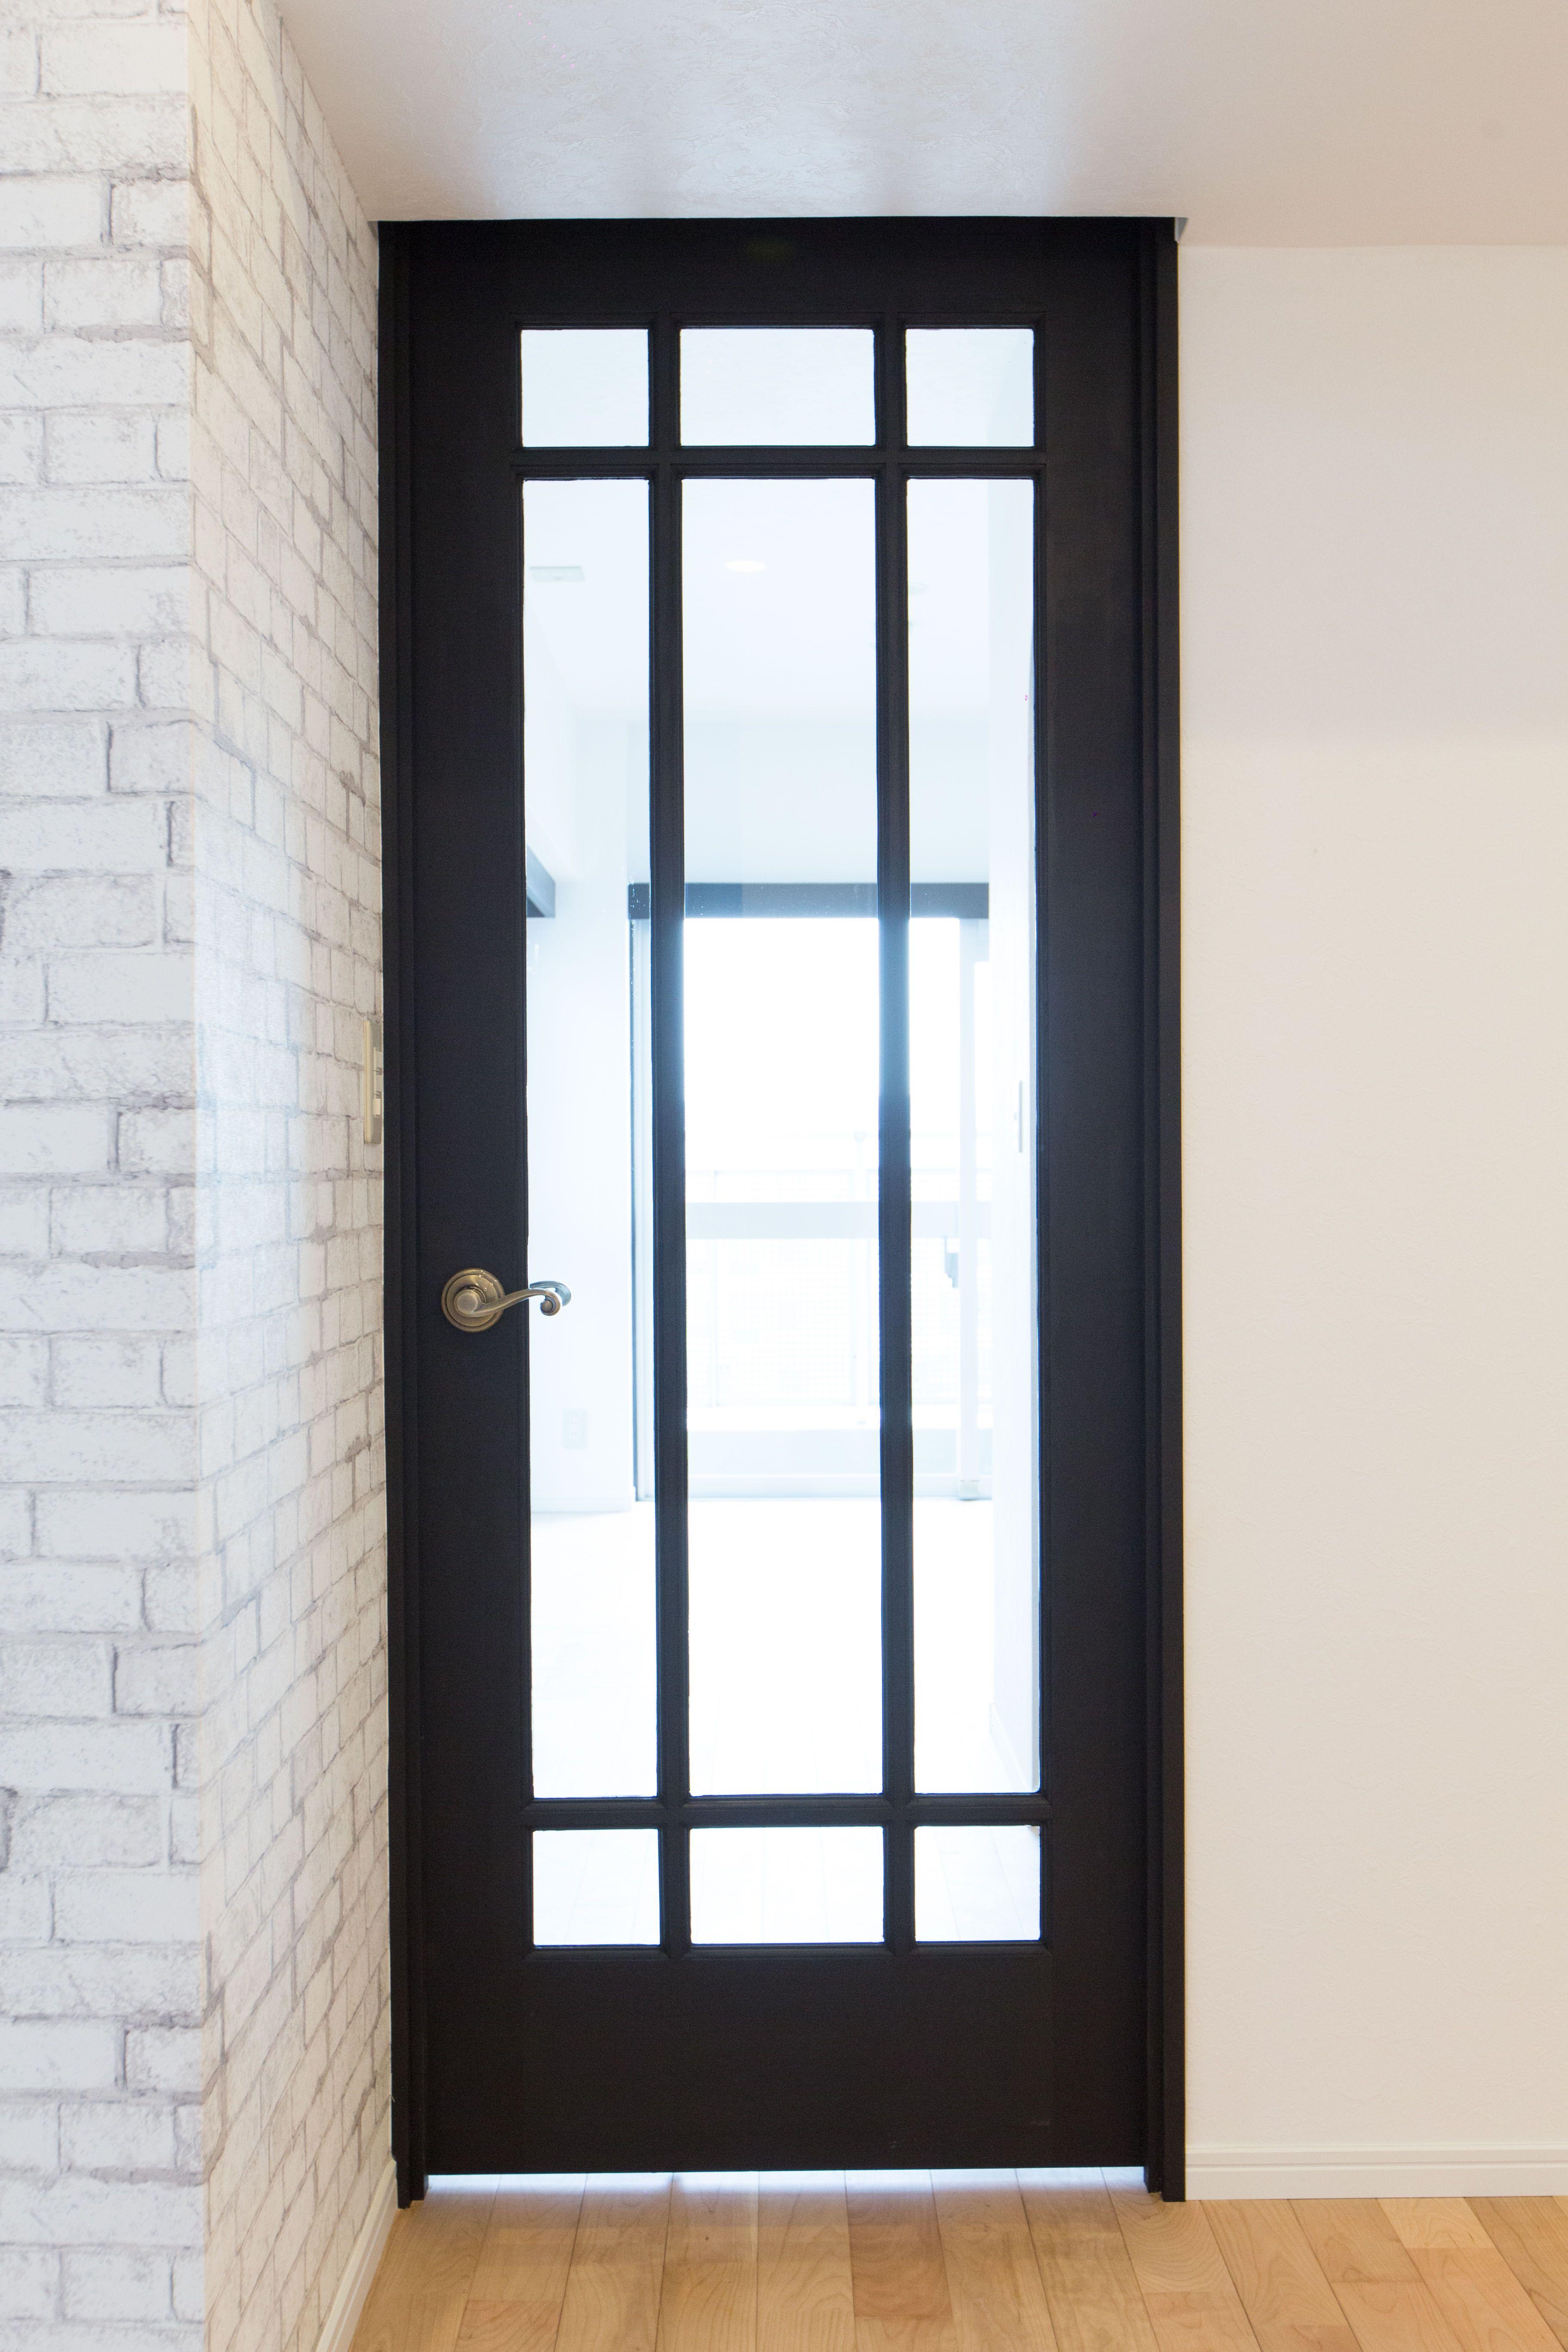 ドアふちは黒くなりとってもシックに アメリカンスタイルにピッタリ